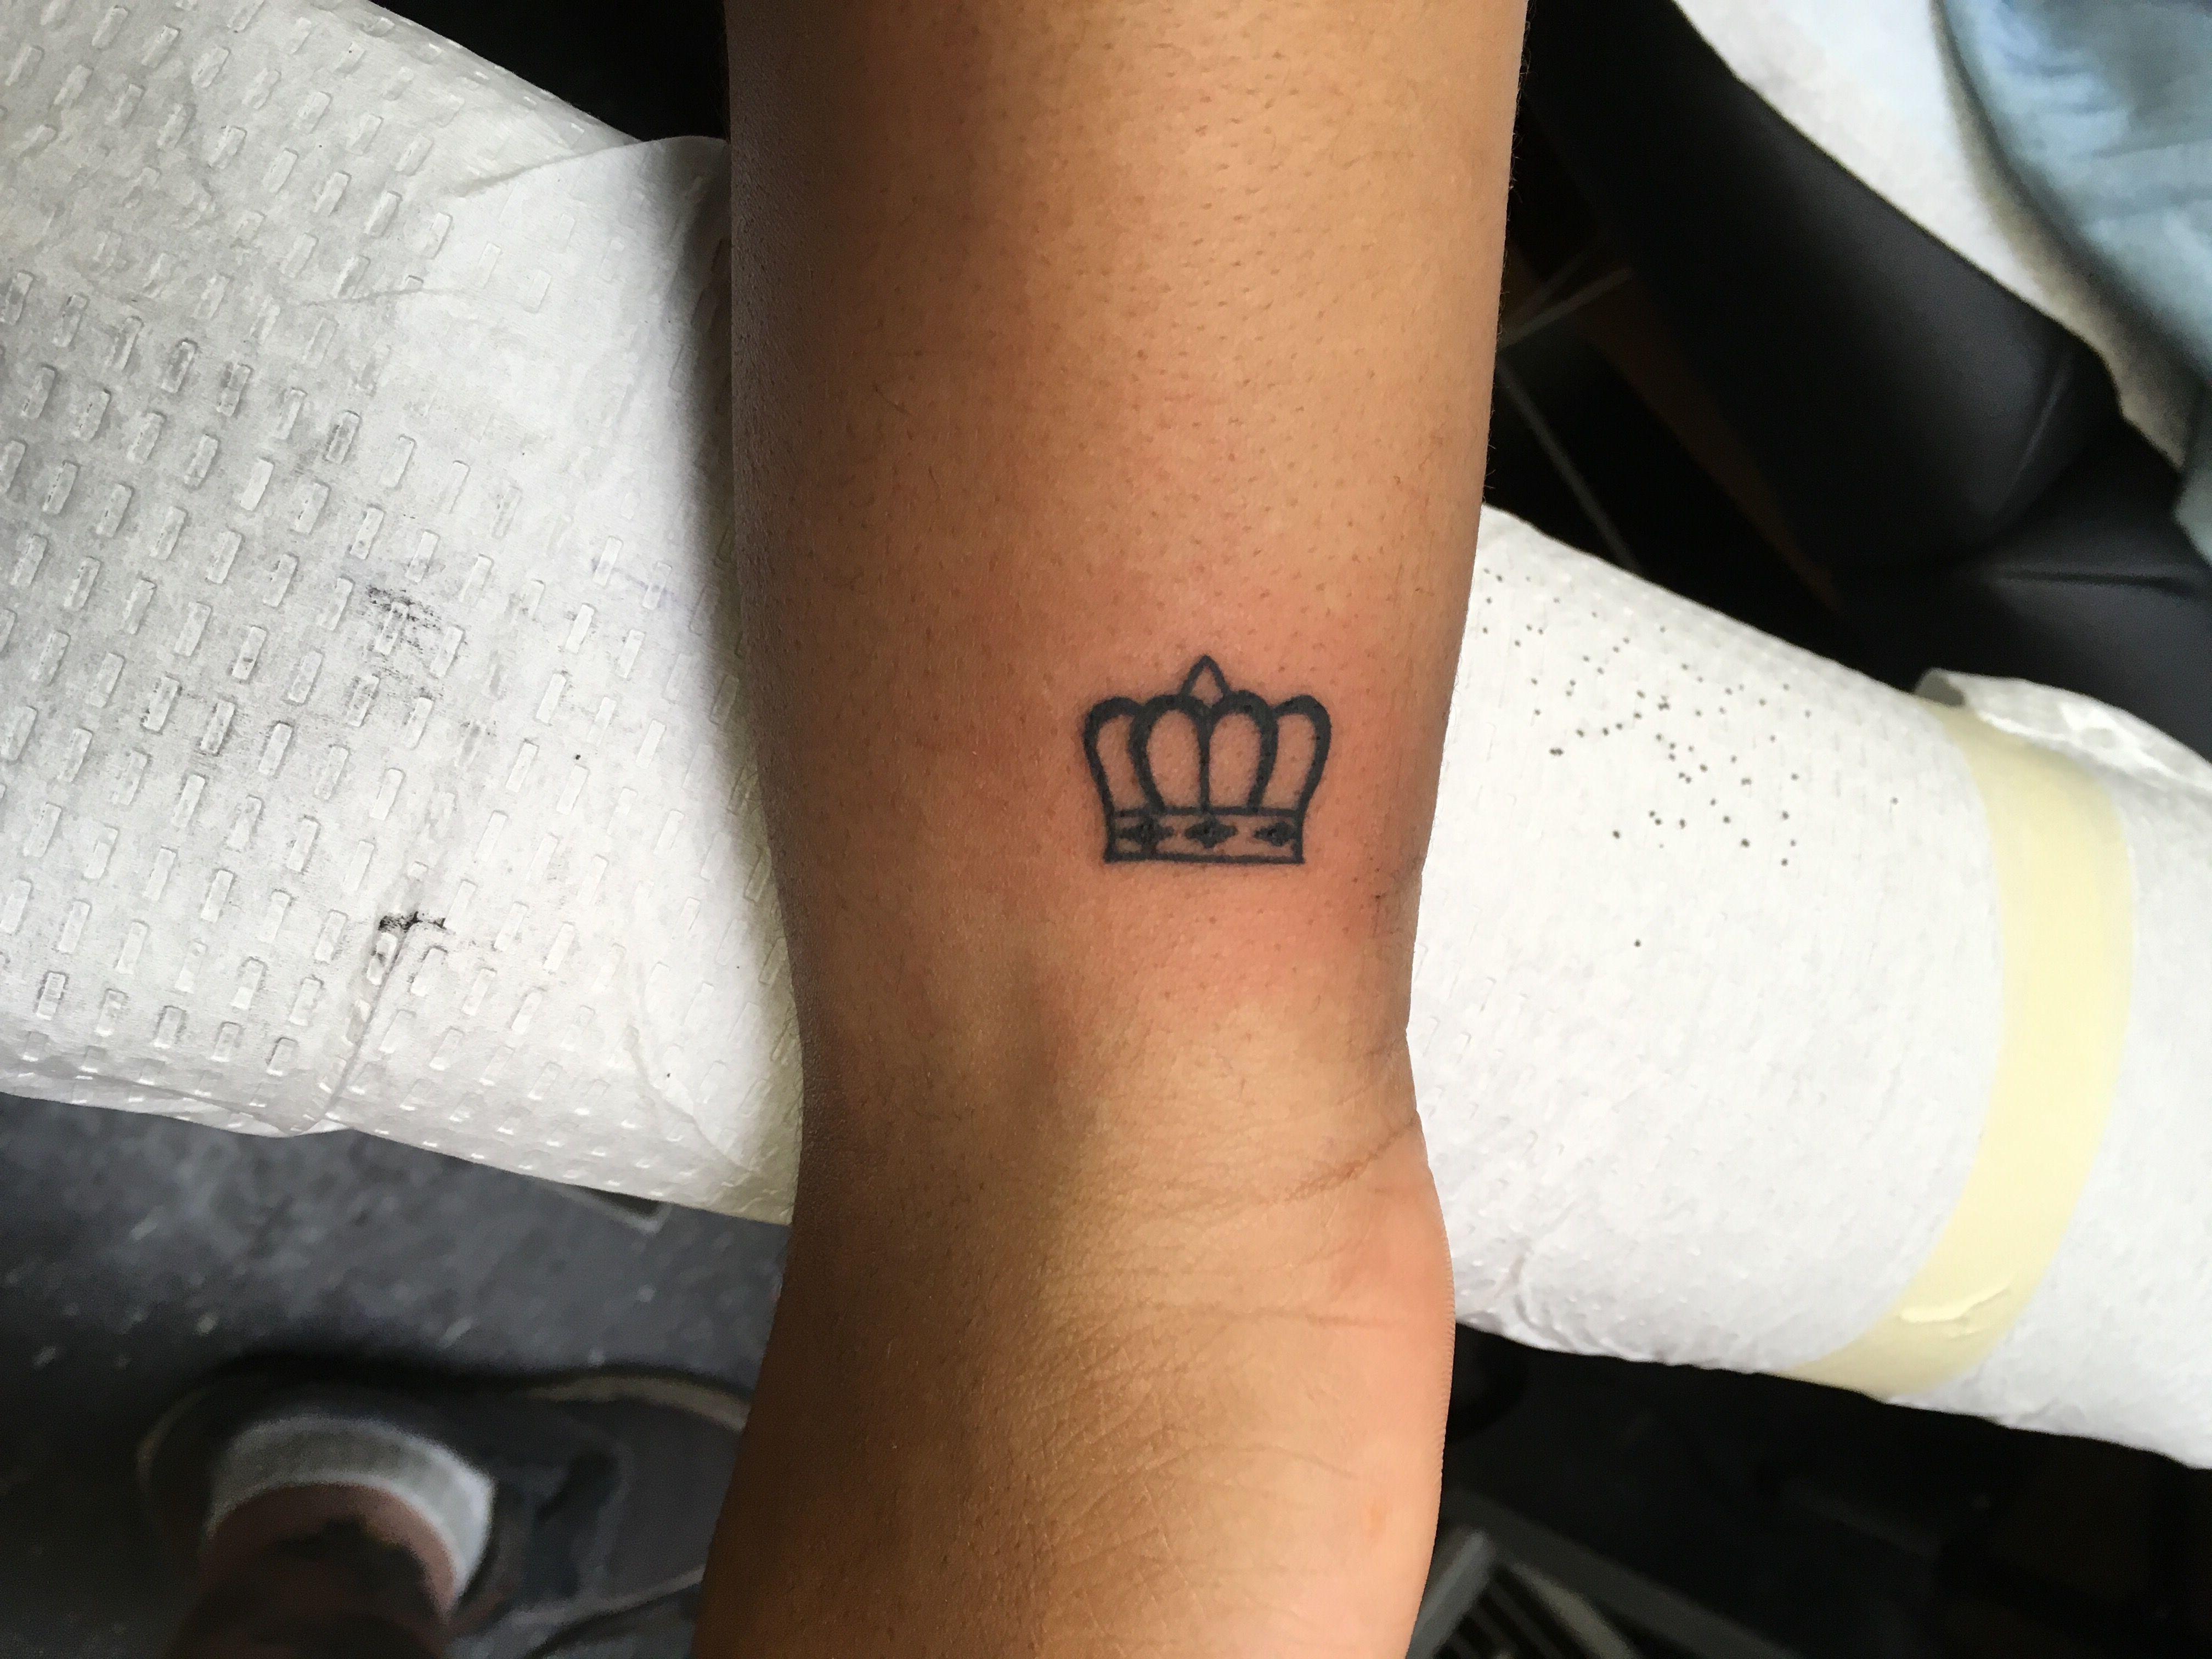 Crown Tattoo Simple Tattoo Small Crown Tattoo Wrist Tattoo Small Crown Tattoo Crown Tattoo On Wrist Crown Tattoo